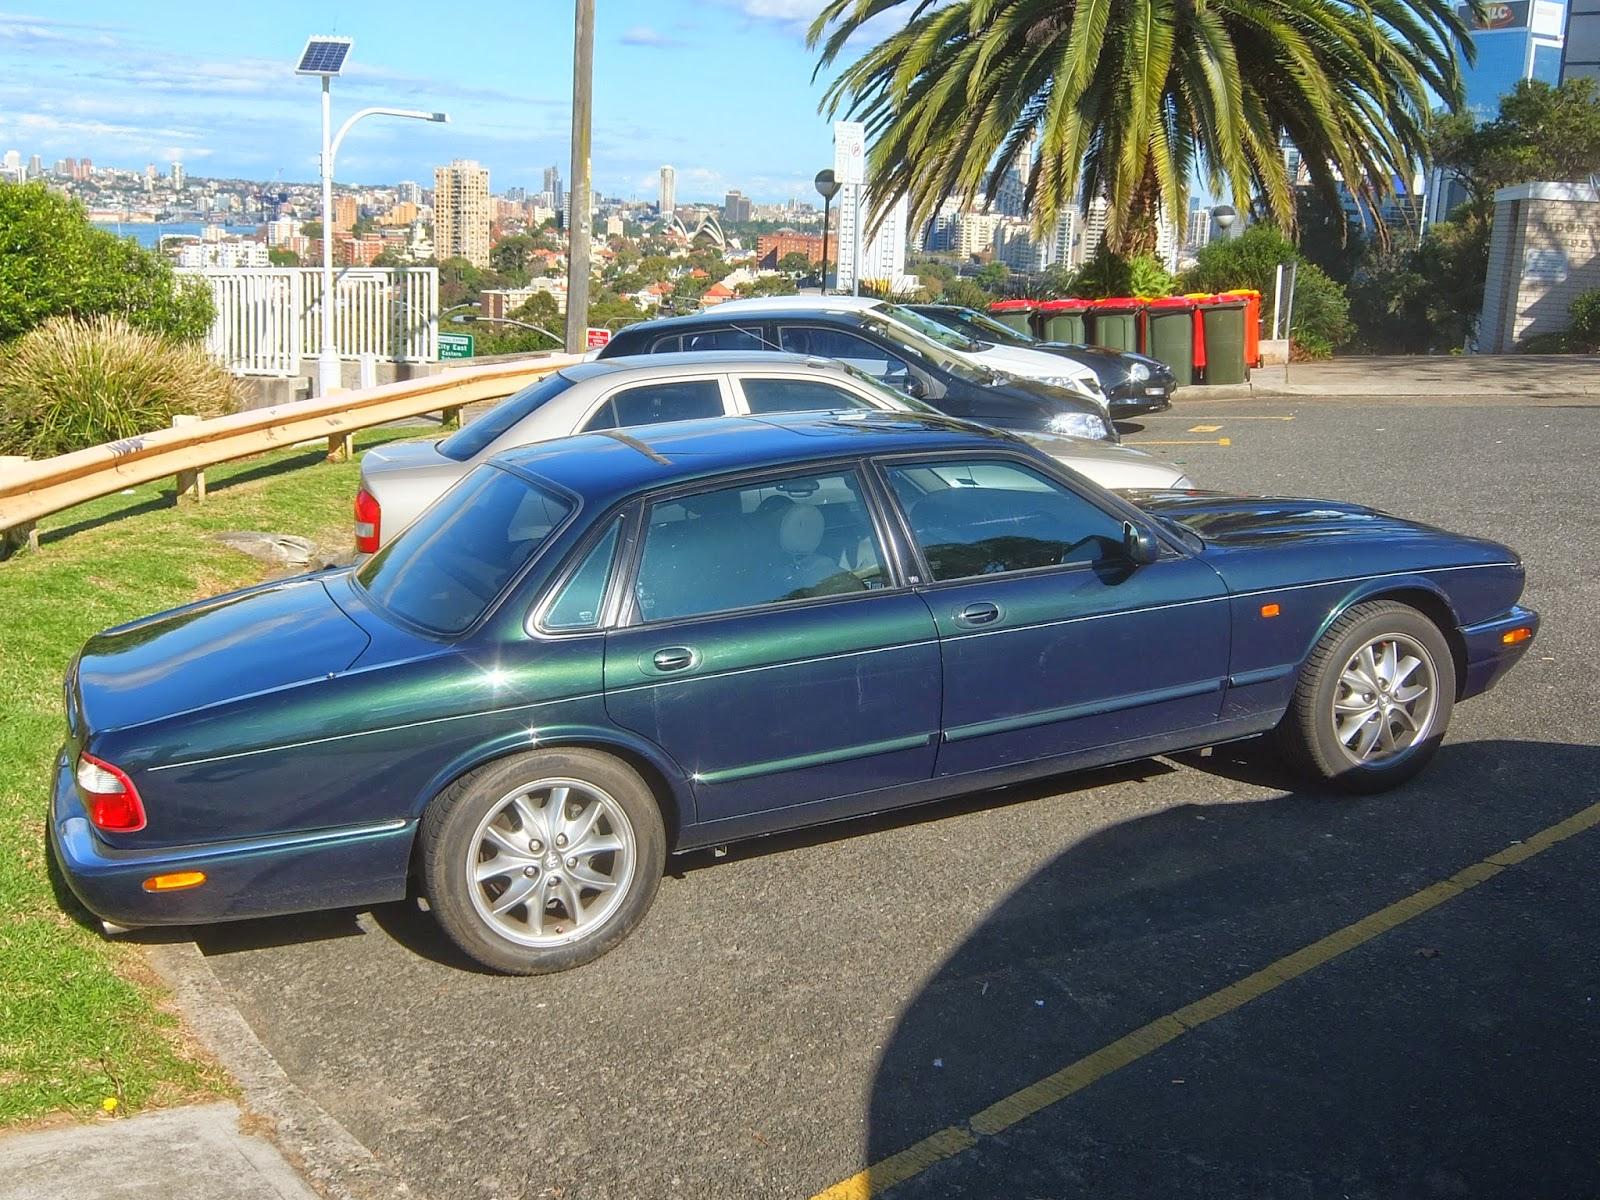 Aussie Old Parked Cars: 2000 Jaguar XJ8 Sport (X308)